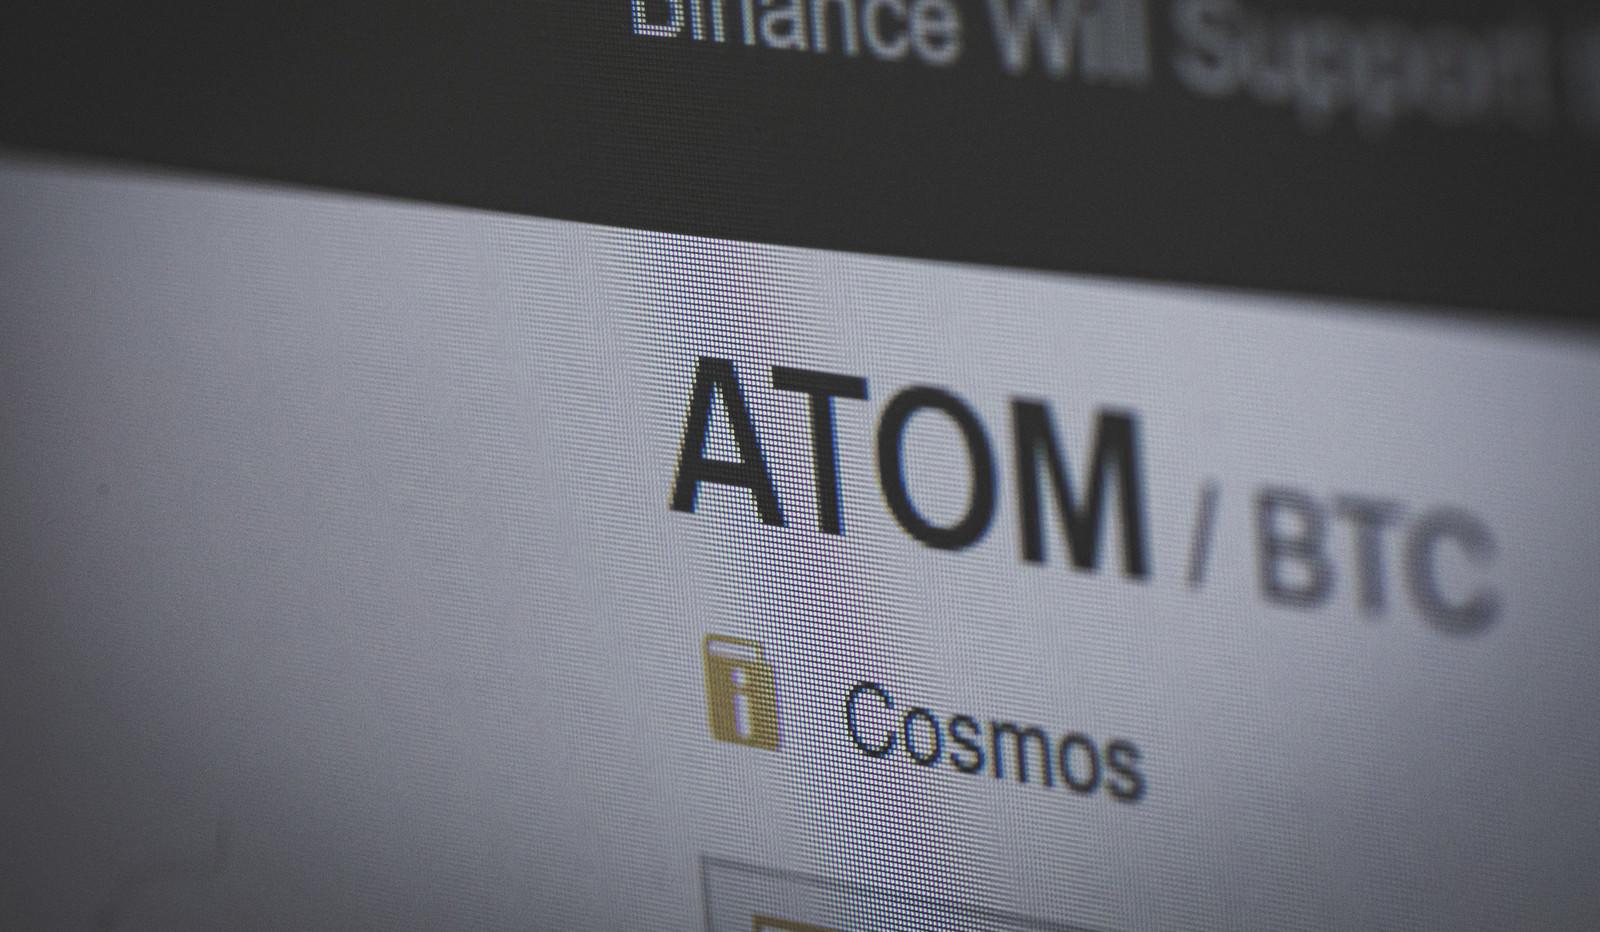 「ATOM/BTC」の写真